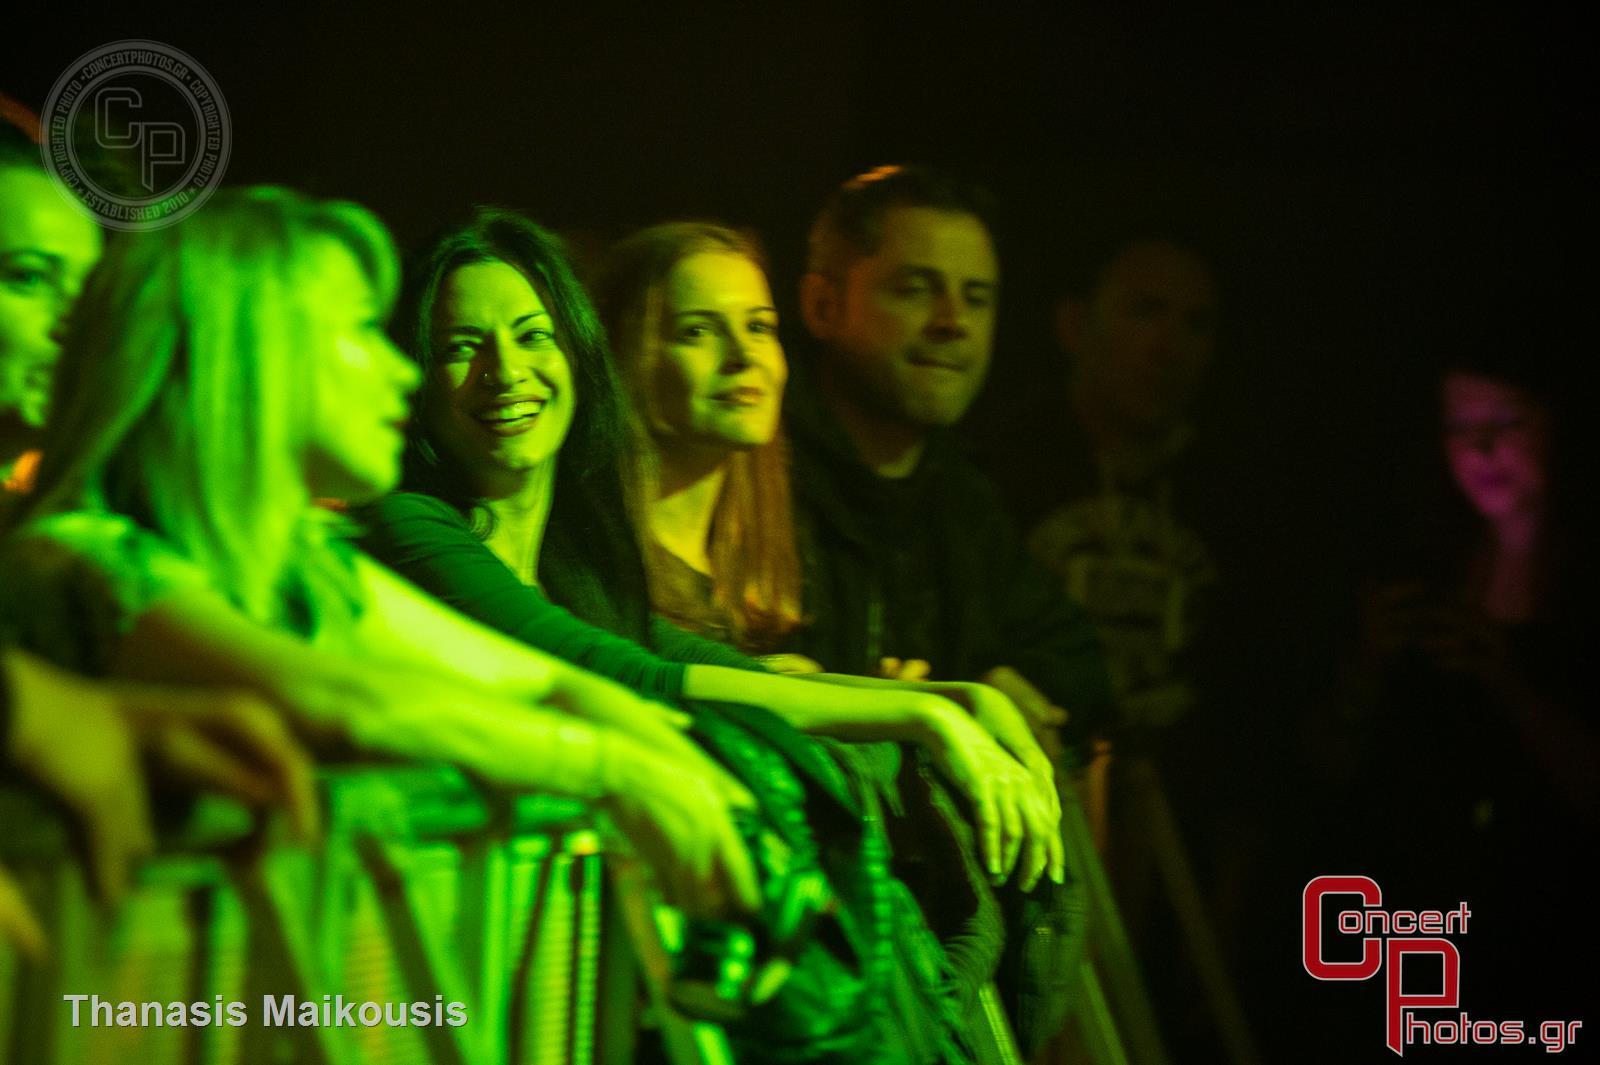 Stereo Mc's-Stereo Mcs photographer: Thanasis Maikousis - ConcertPhotos - 20141129_2318_12